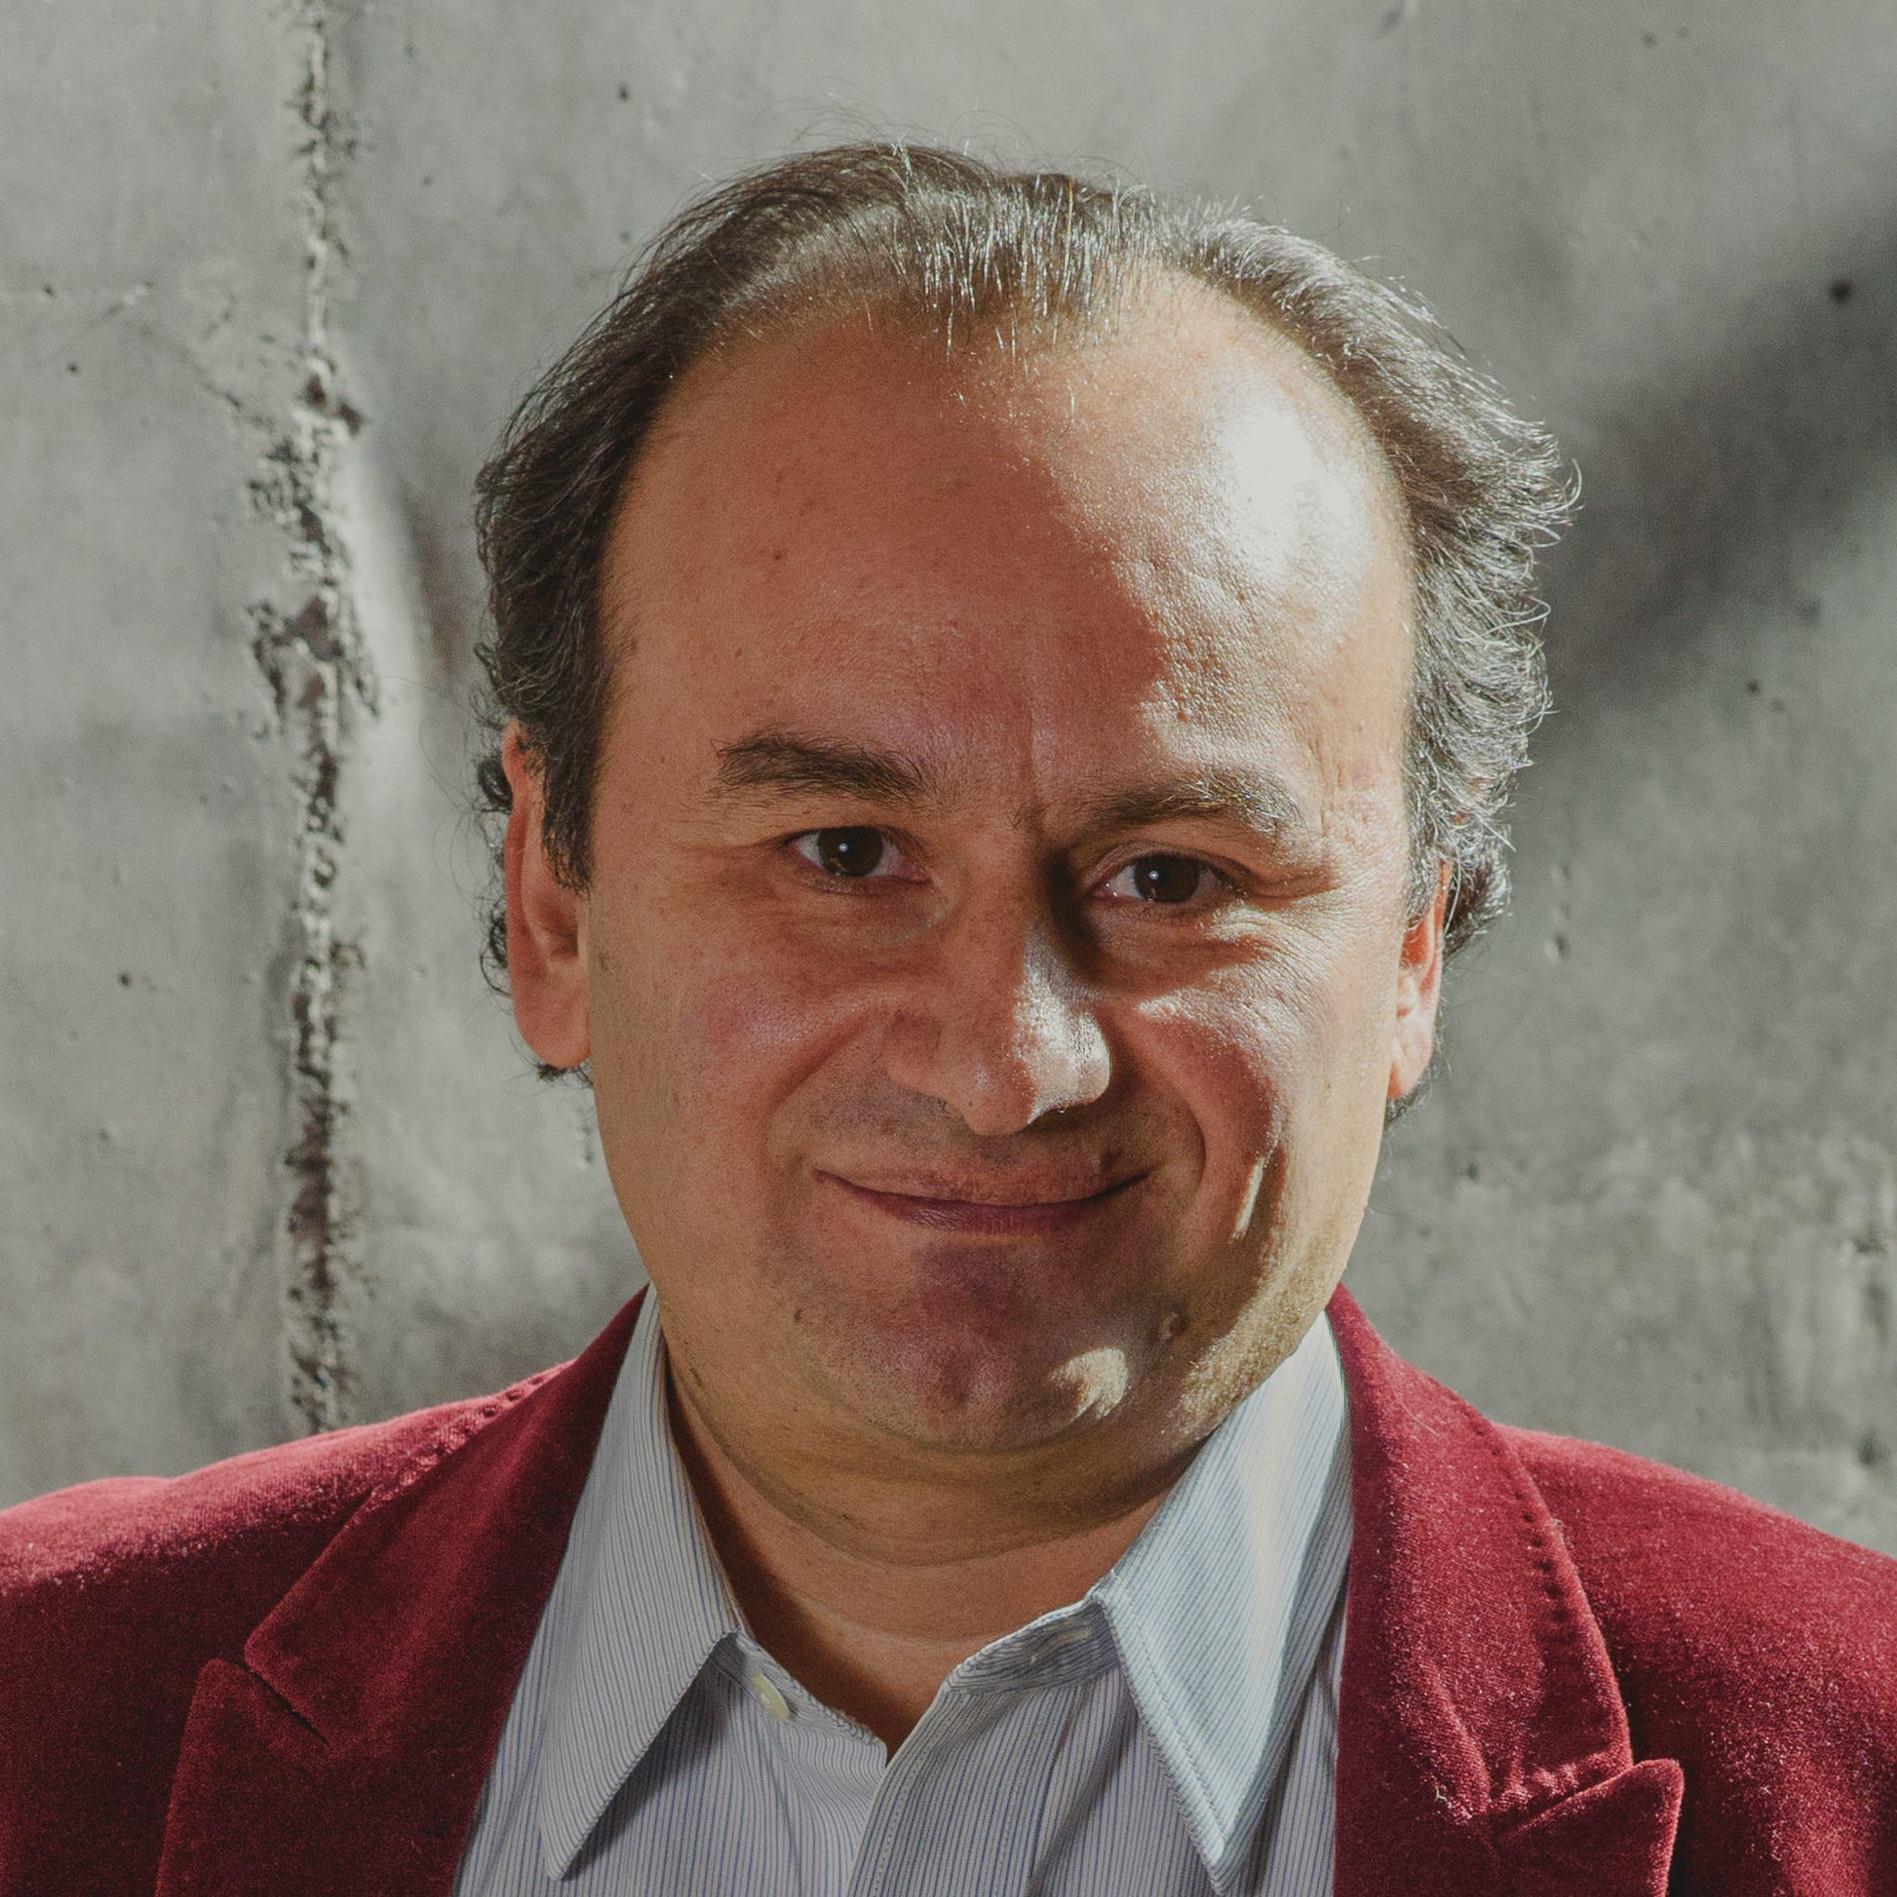 Christian Gonzalez-Billault